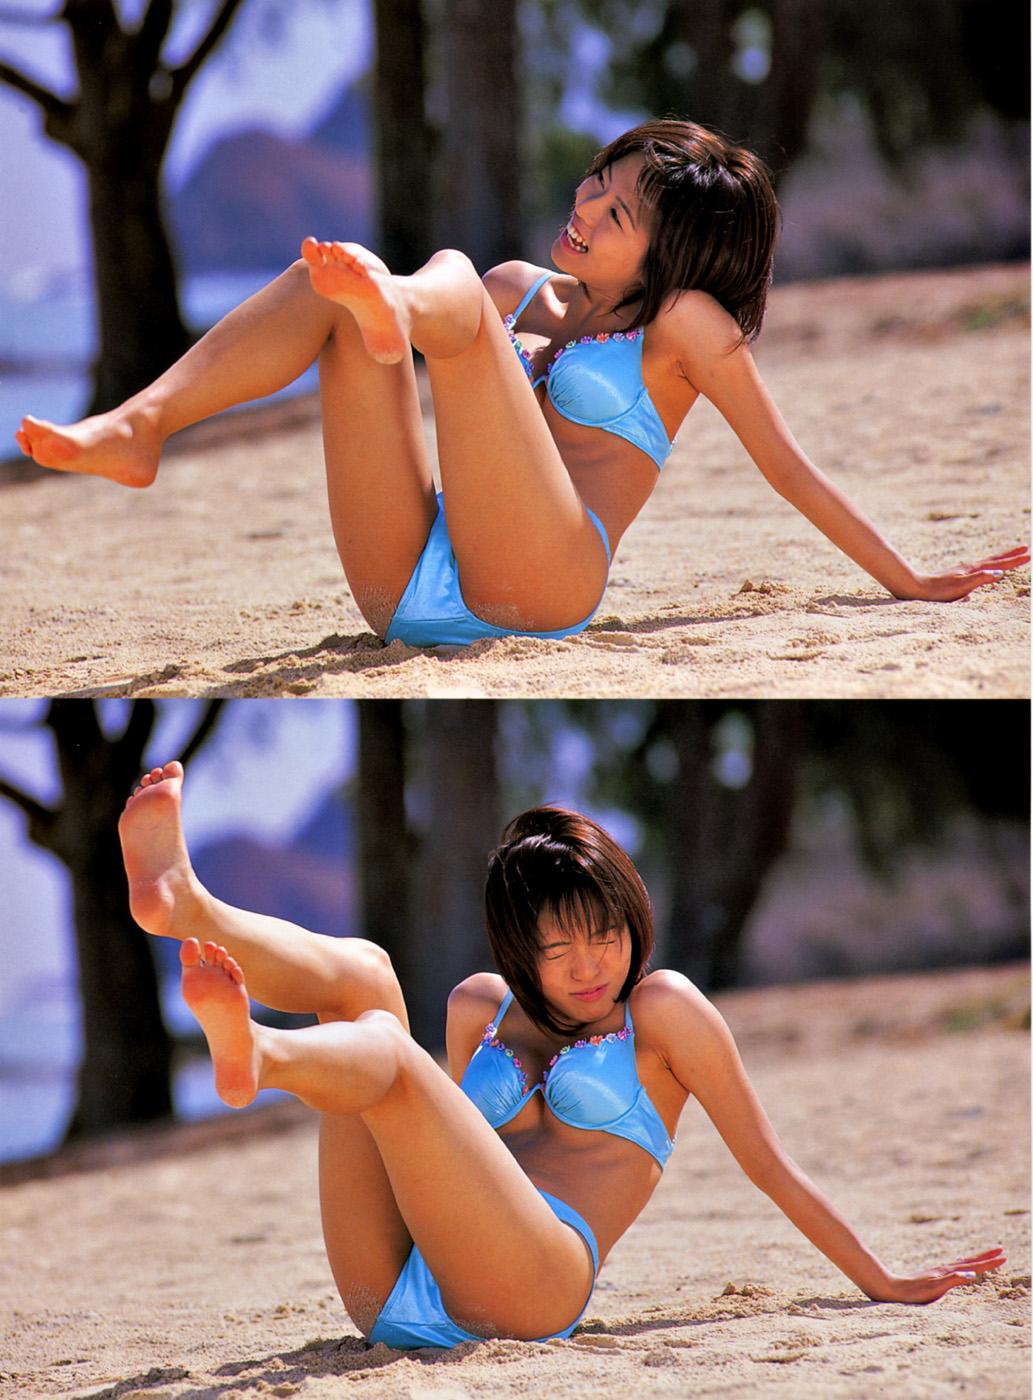 三次元 3次元 エロ画像 ビキニ 水着 べっぴん娘通信 17